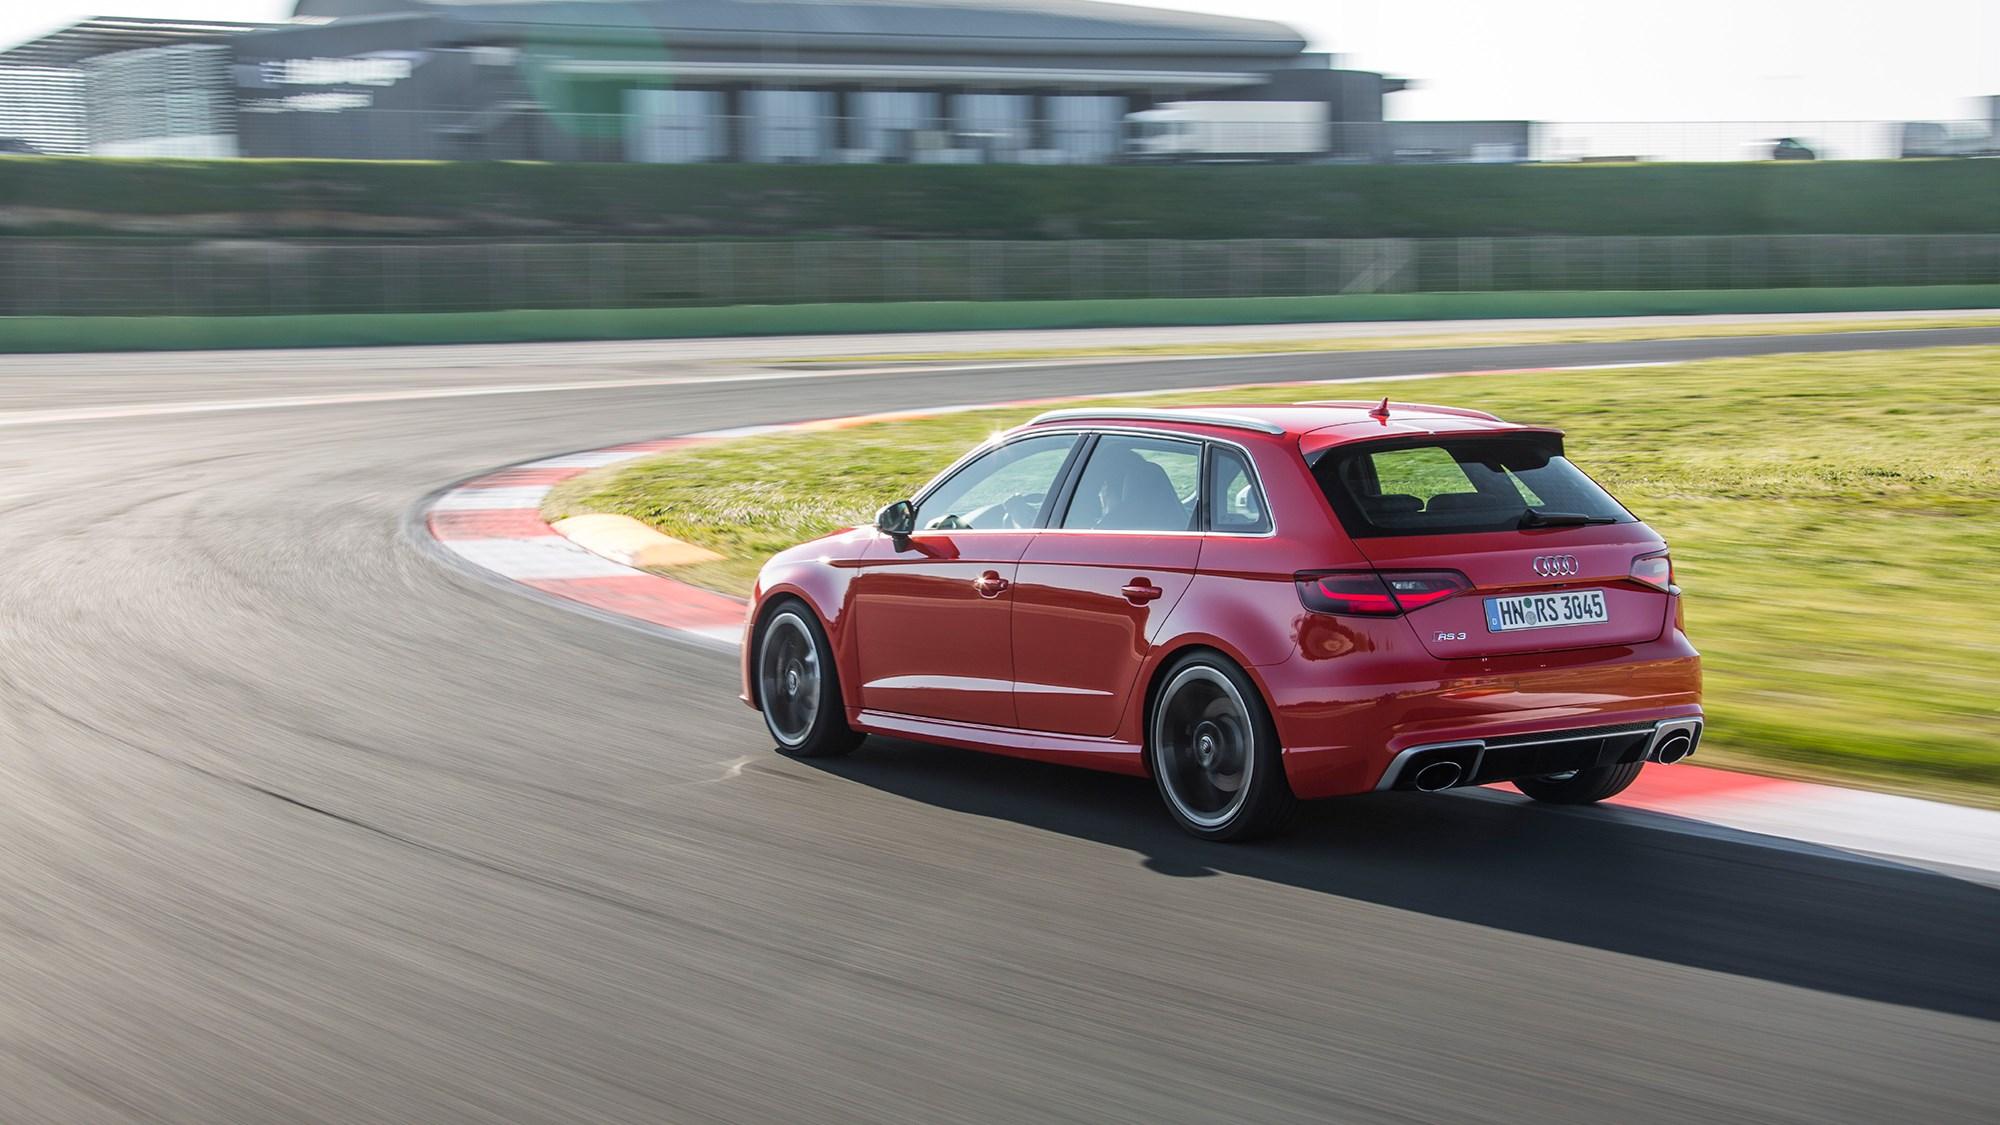 Kekurangan Audi Rs3 Sportback Review